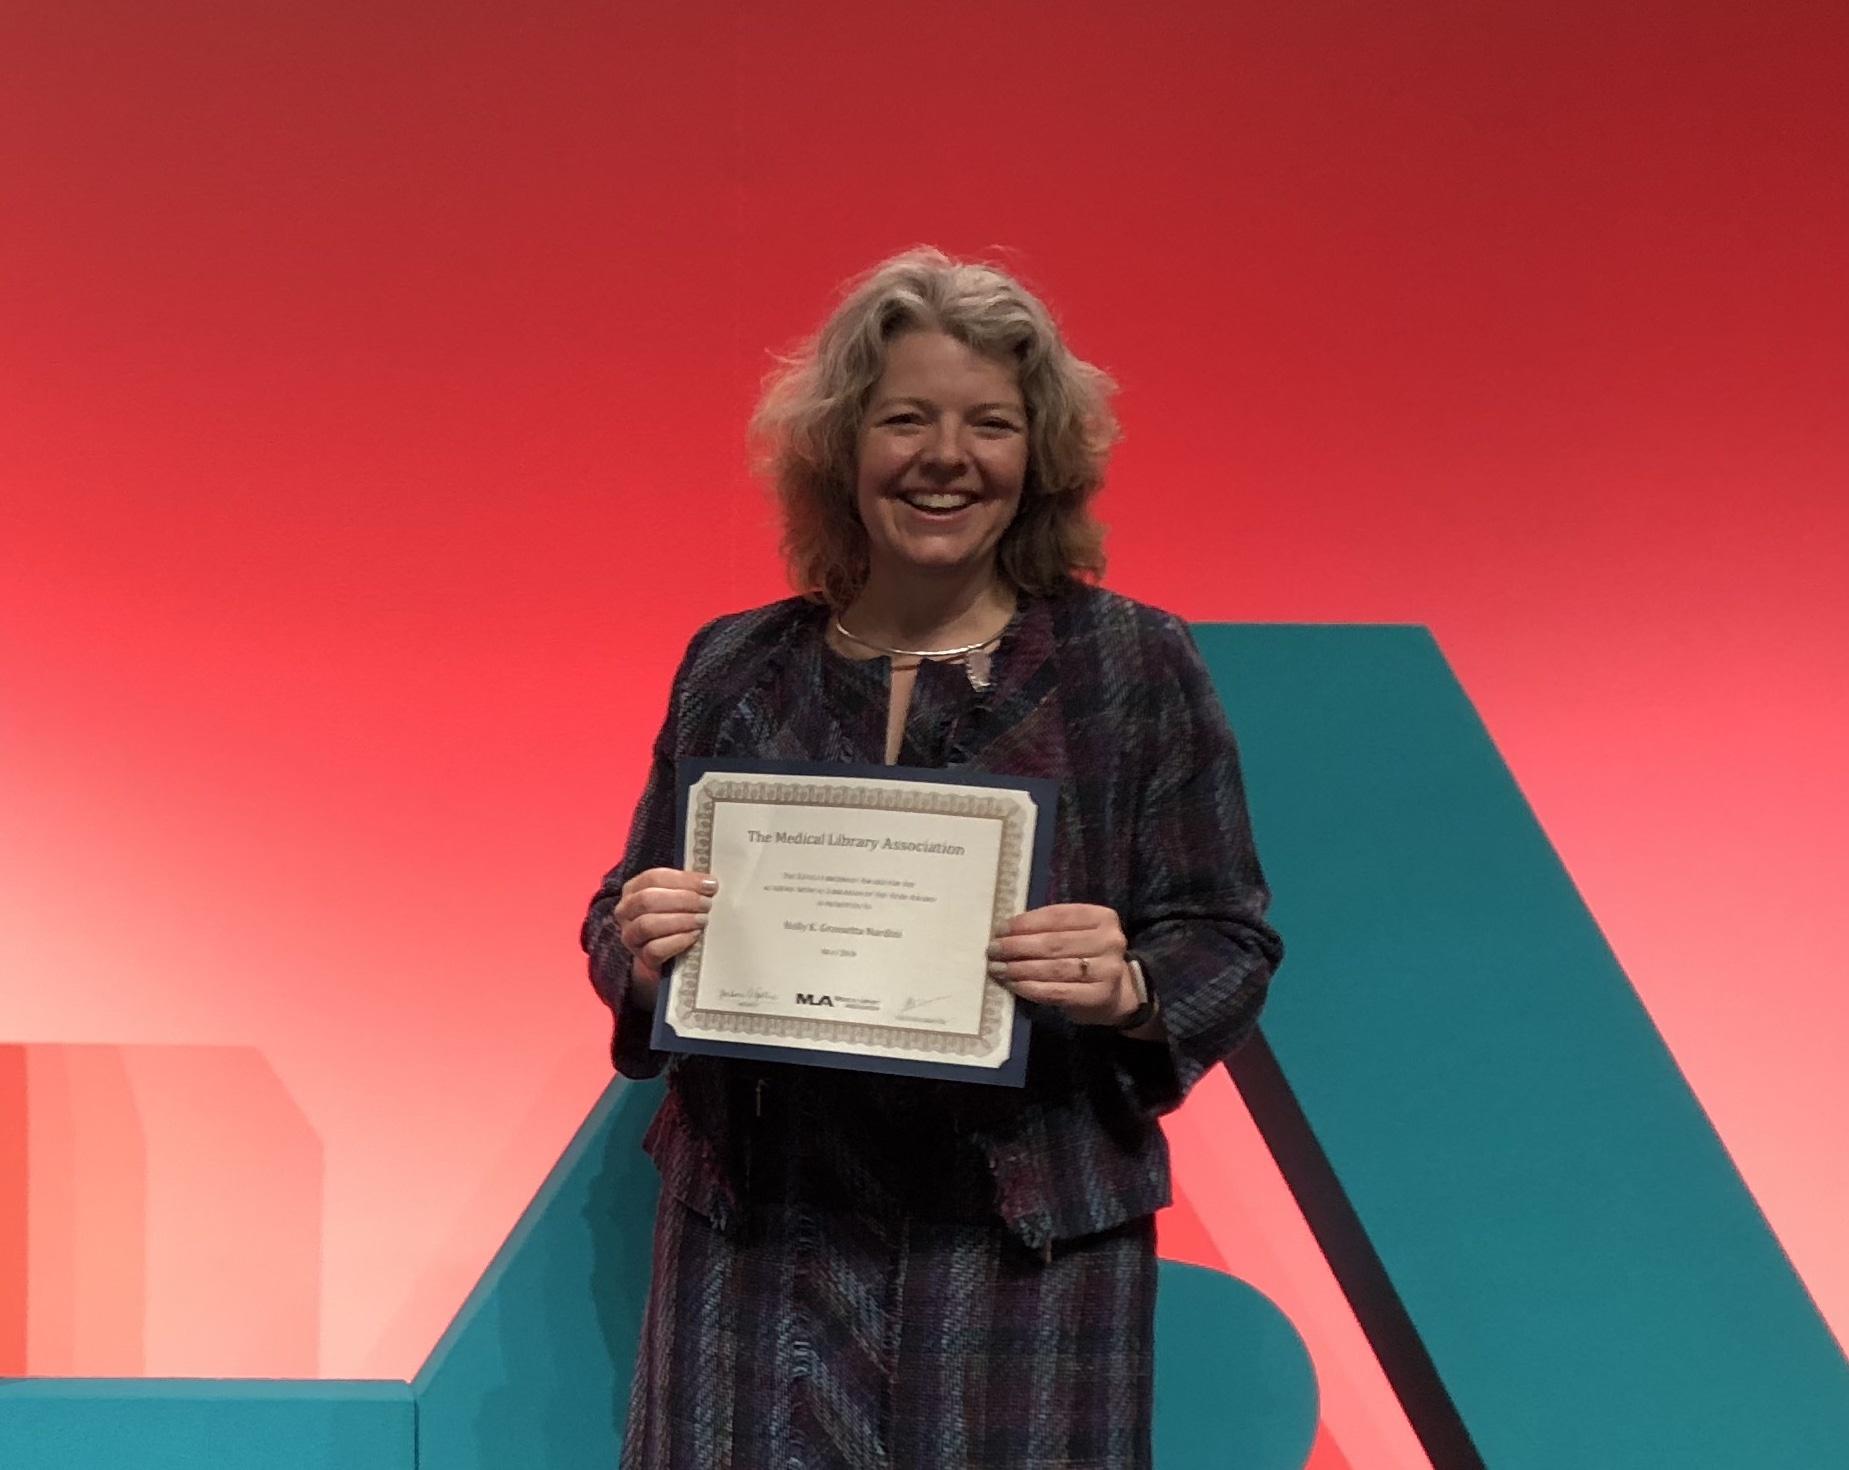 Holly Grossetta Nardini at Award Ceremony